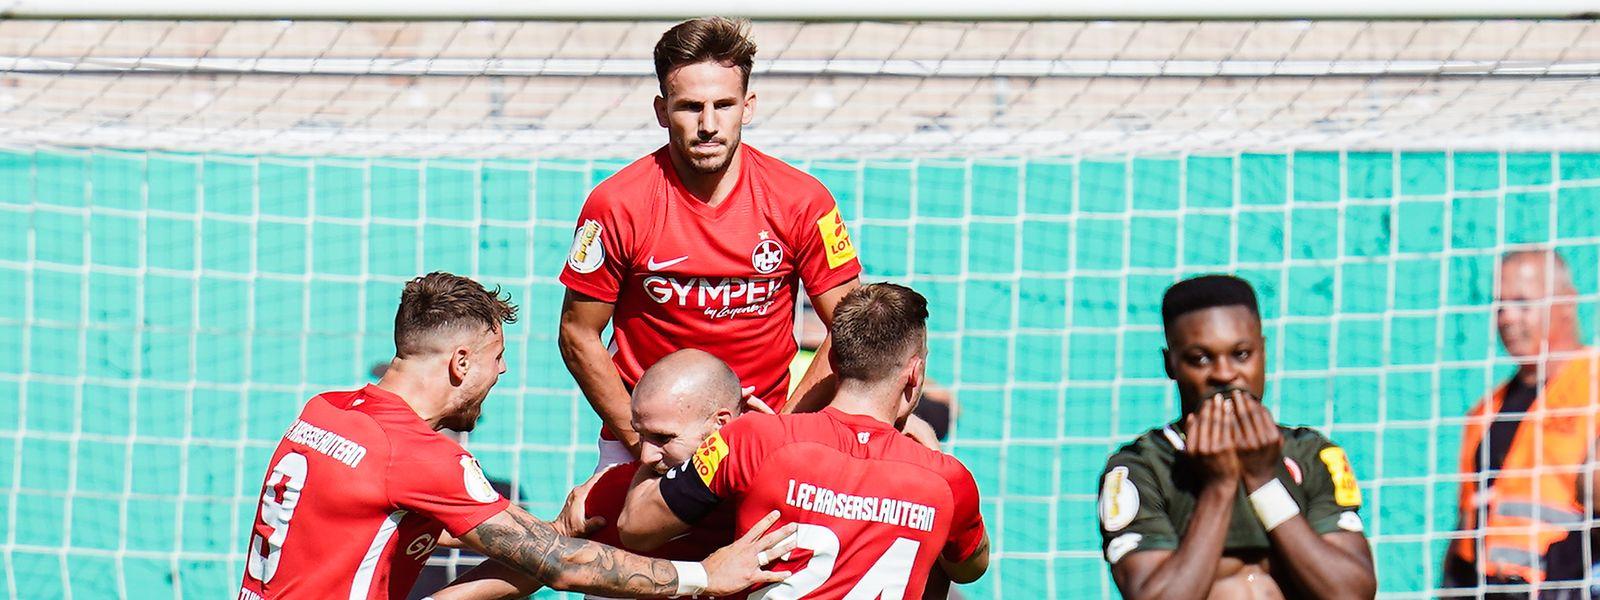 Kaiserslauterns Elfmeter-Torschütze Manfred Starke (M) jubelt mit Mannschaftskollegen über das Tor zum 1:0.